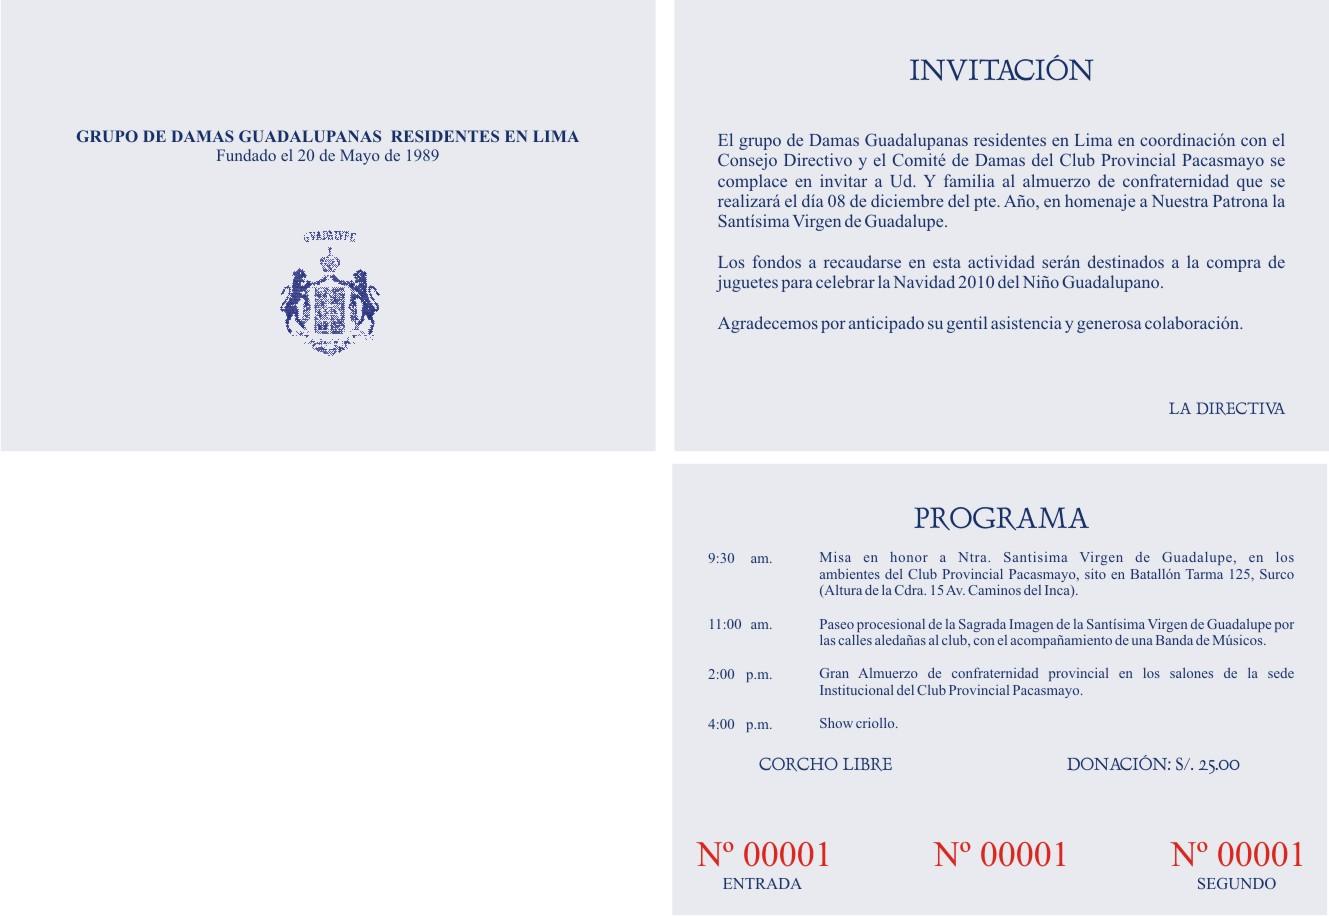 Notas De Prensa Invitacion Para Almuerzo